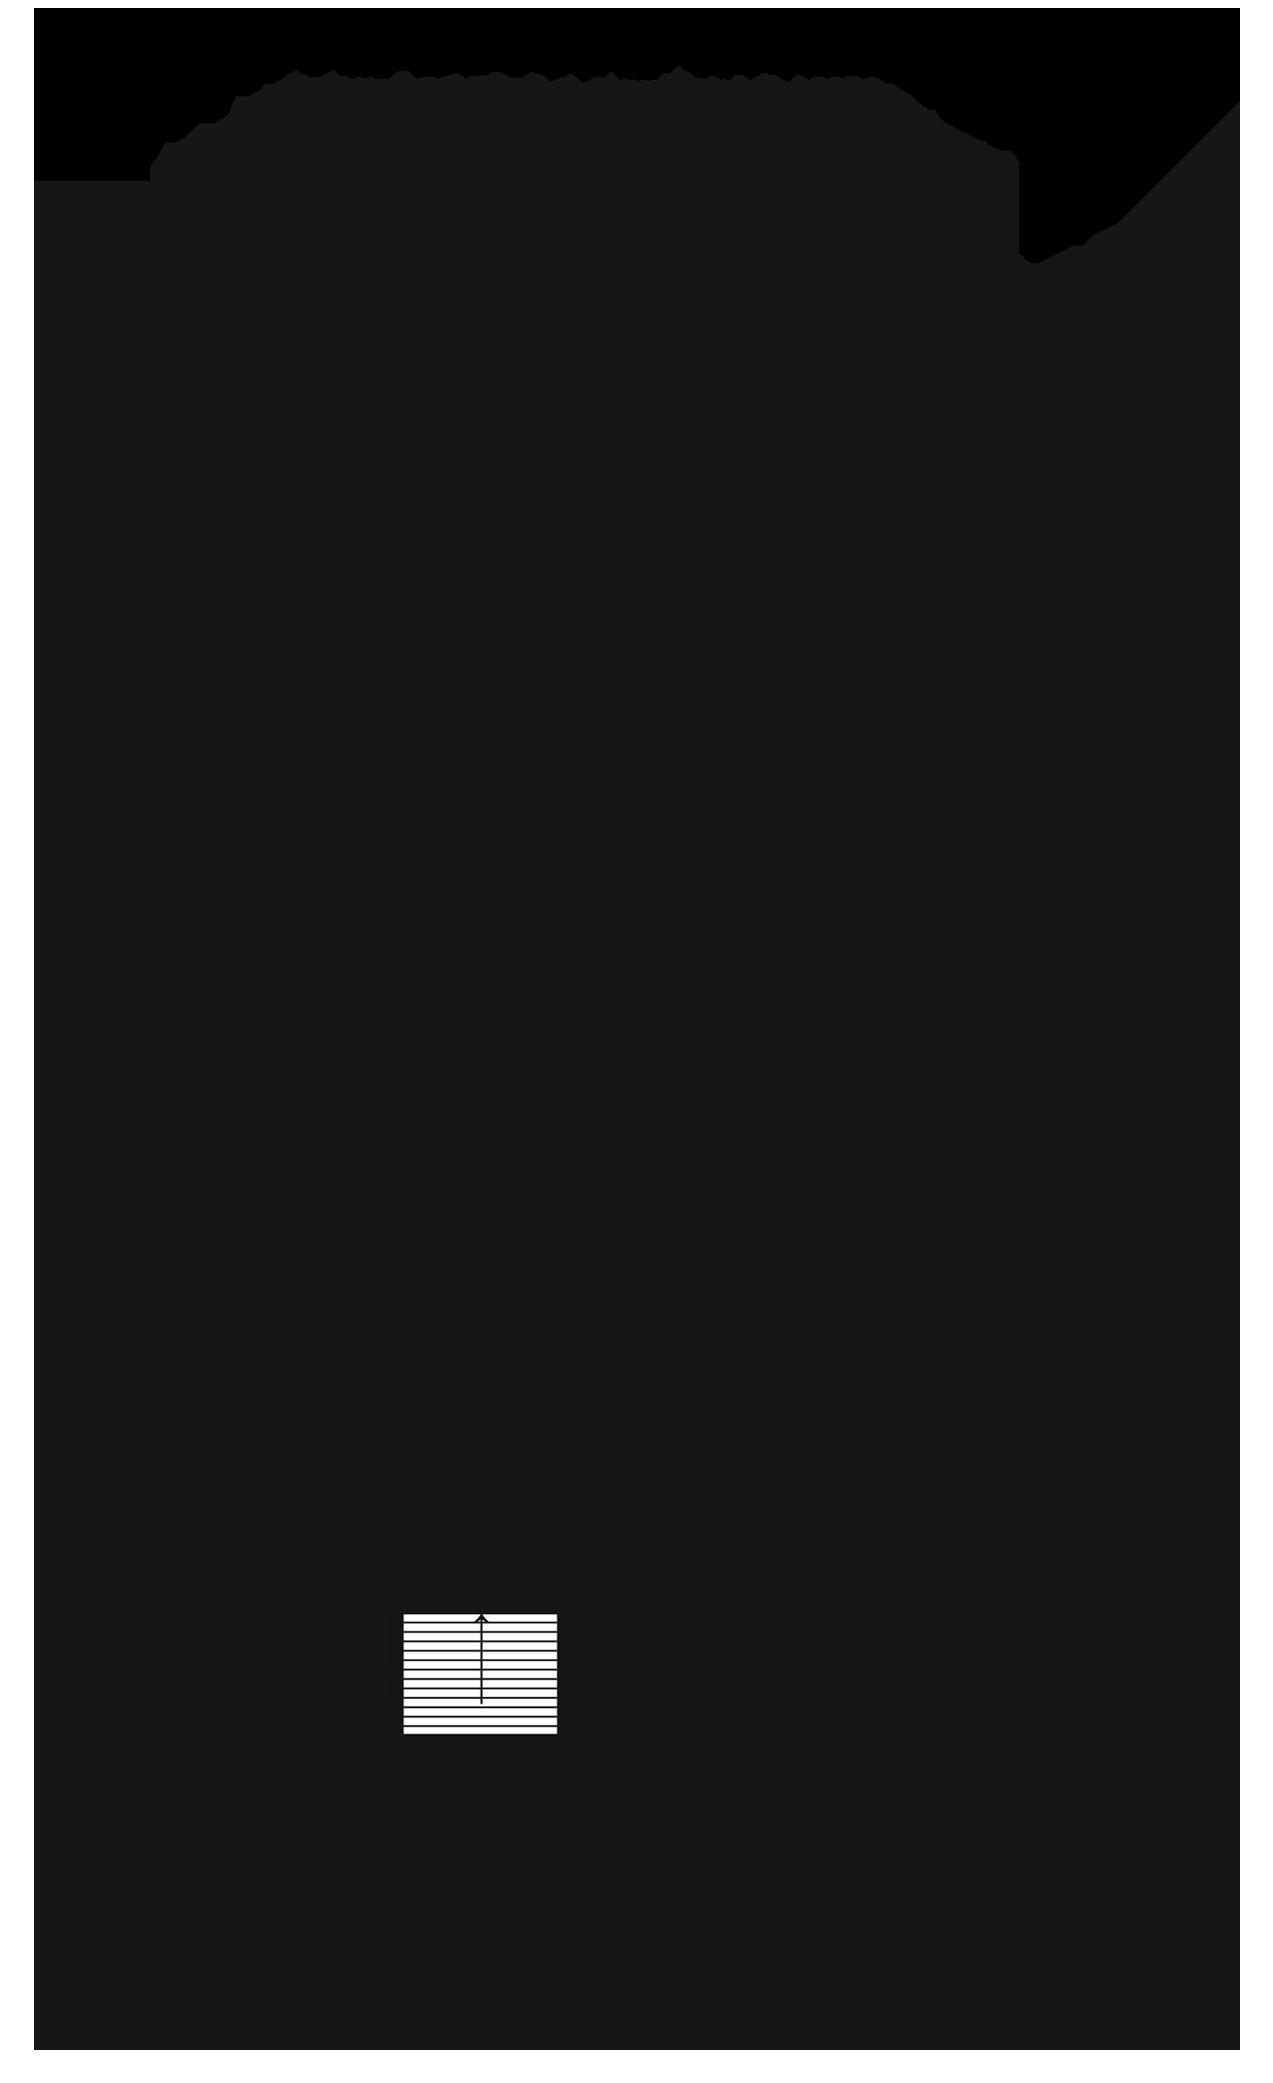 555-plan-2